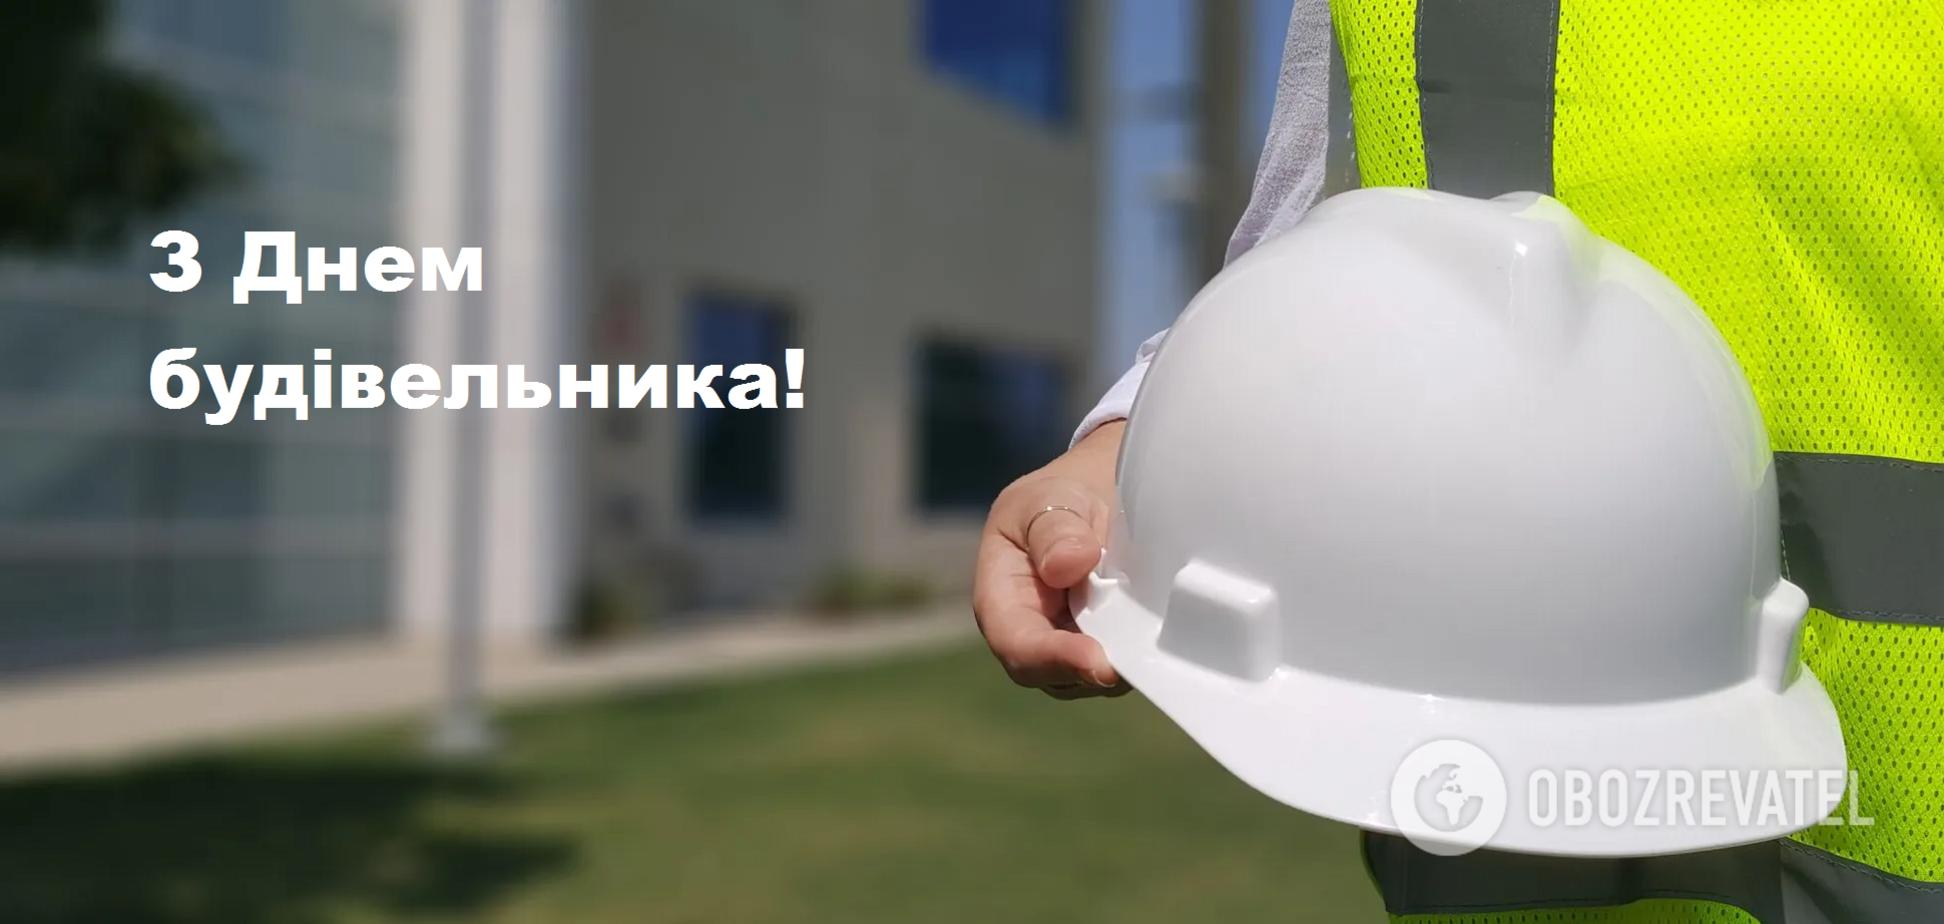 День строителя отмечается каждое второе воскресенье августа